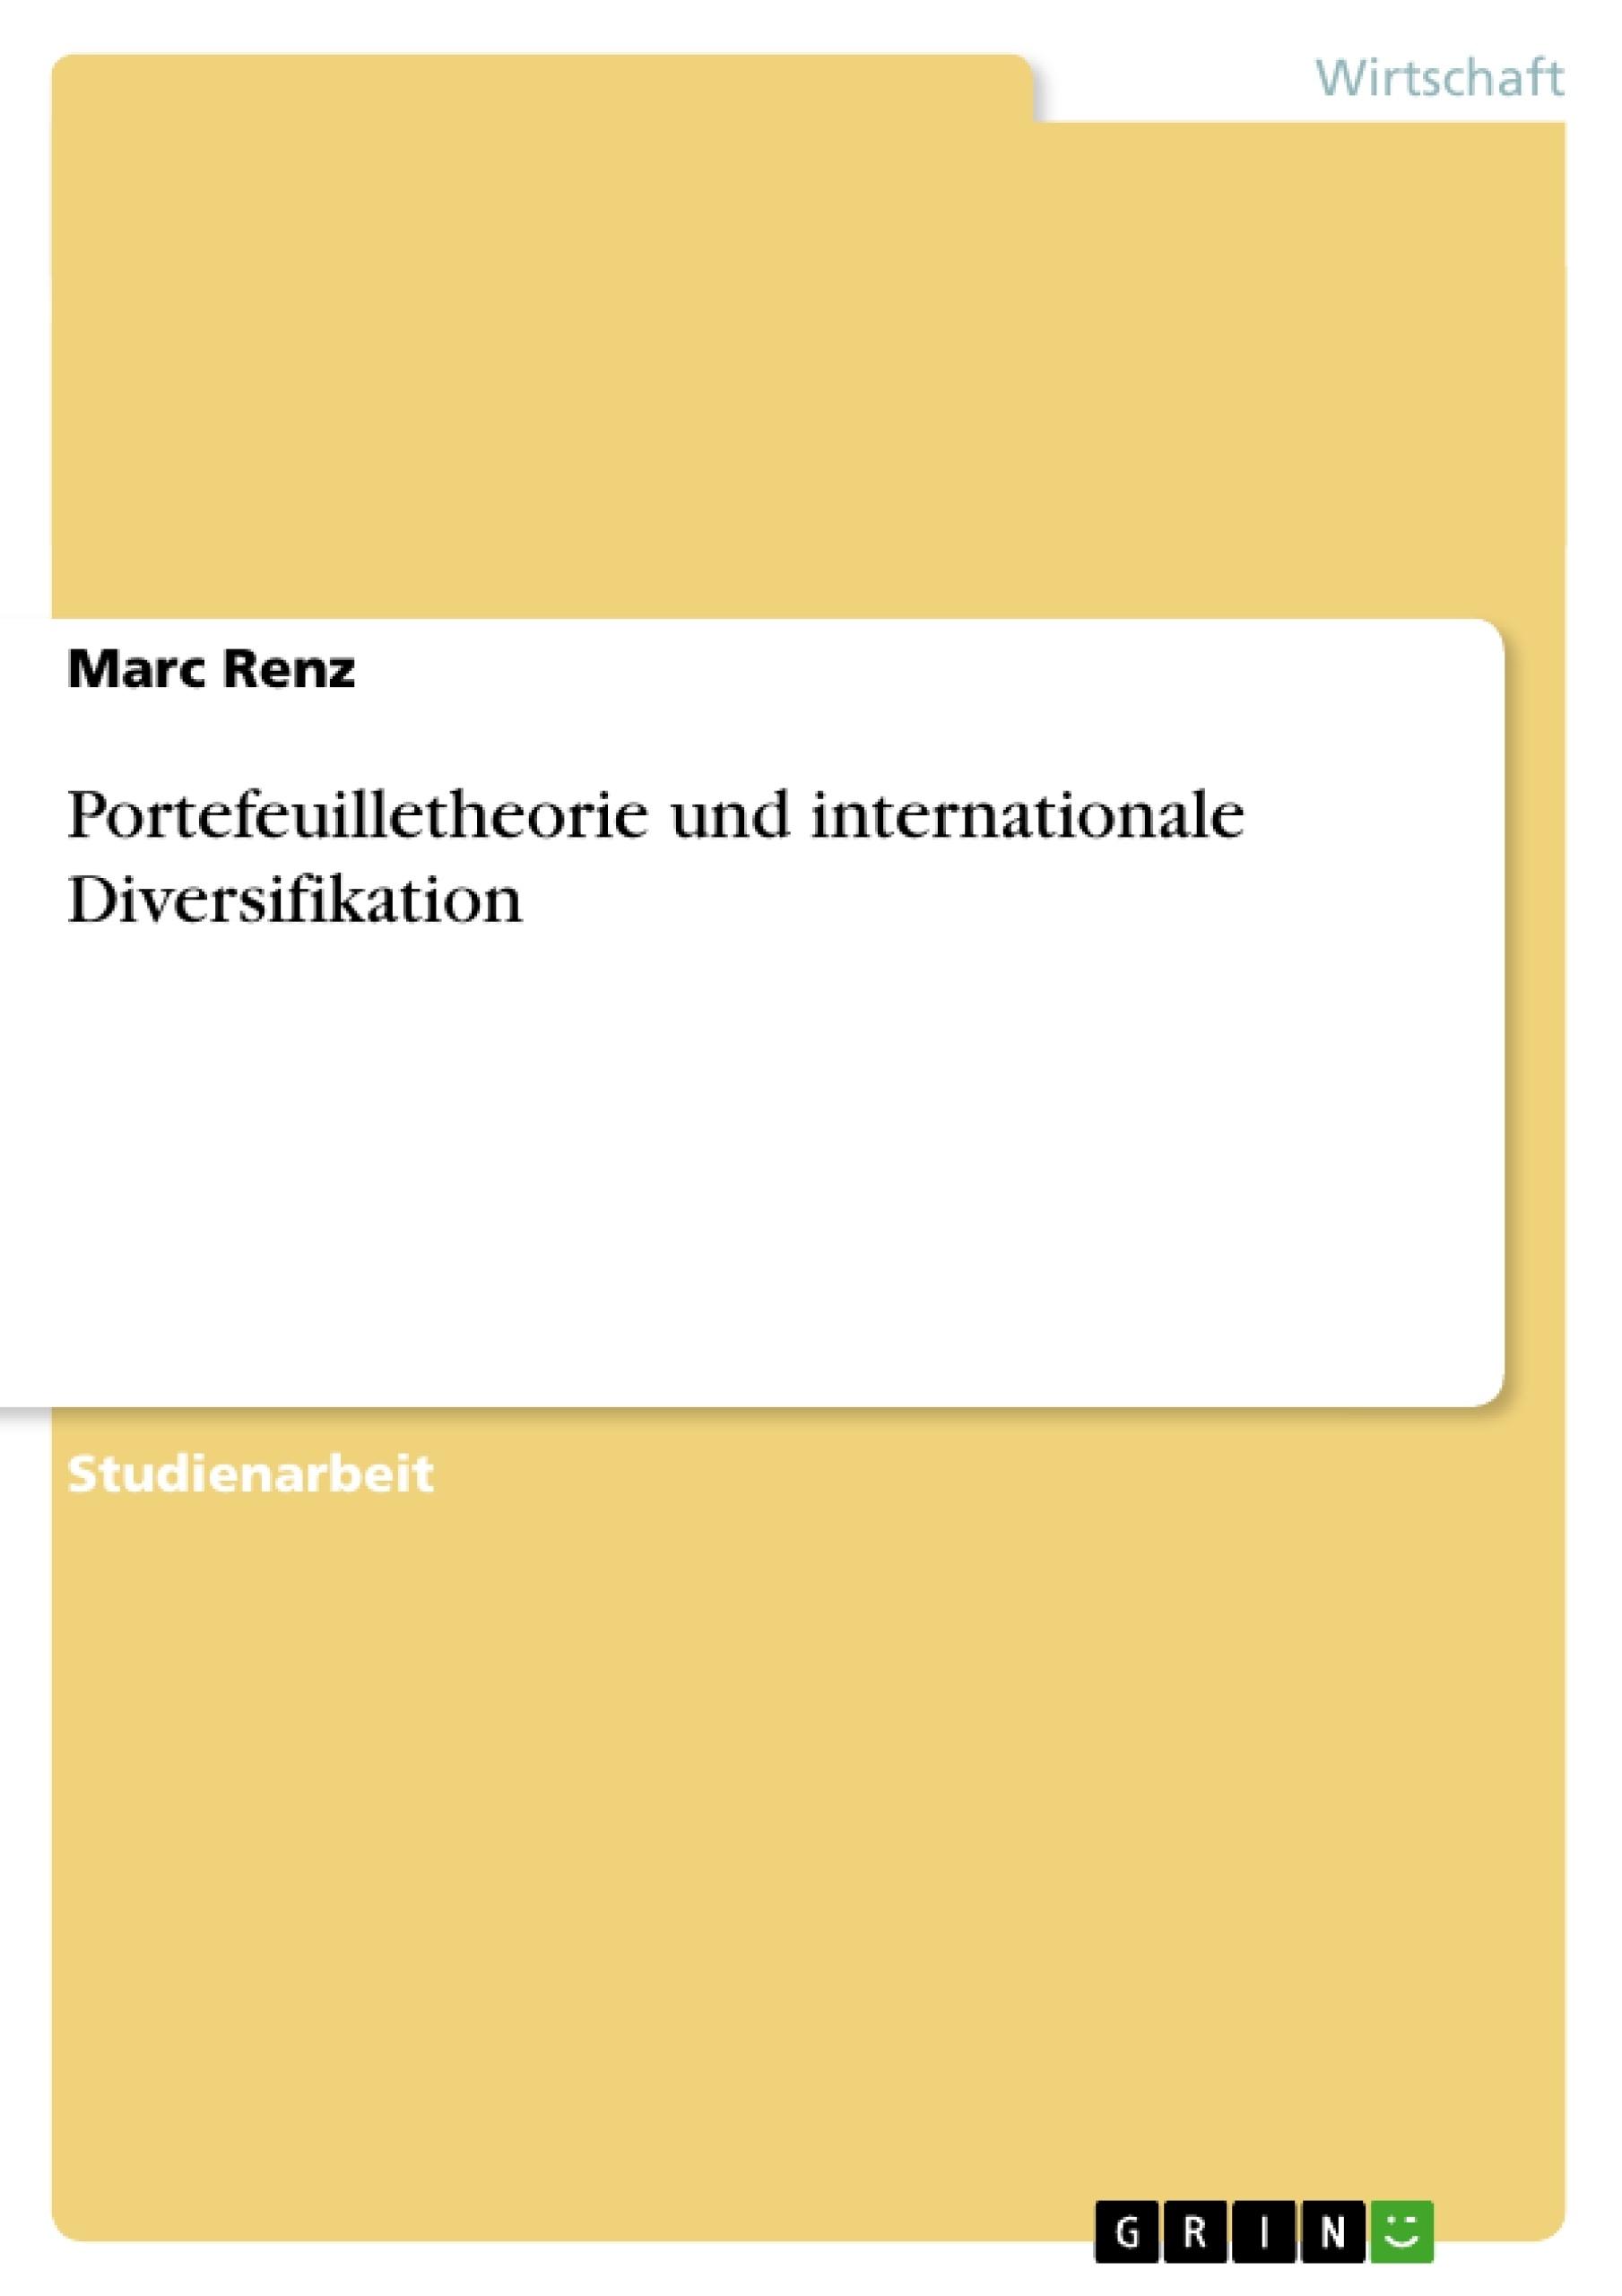 Titel: Portefeuilletheorie und internationale Diversifikation